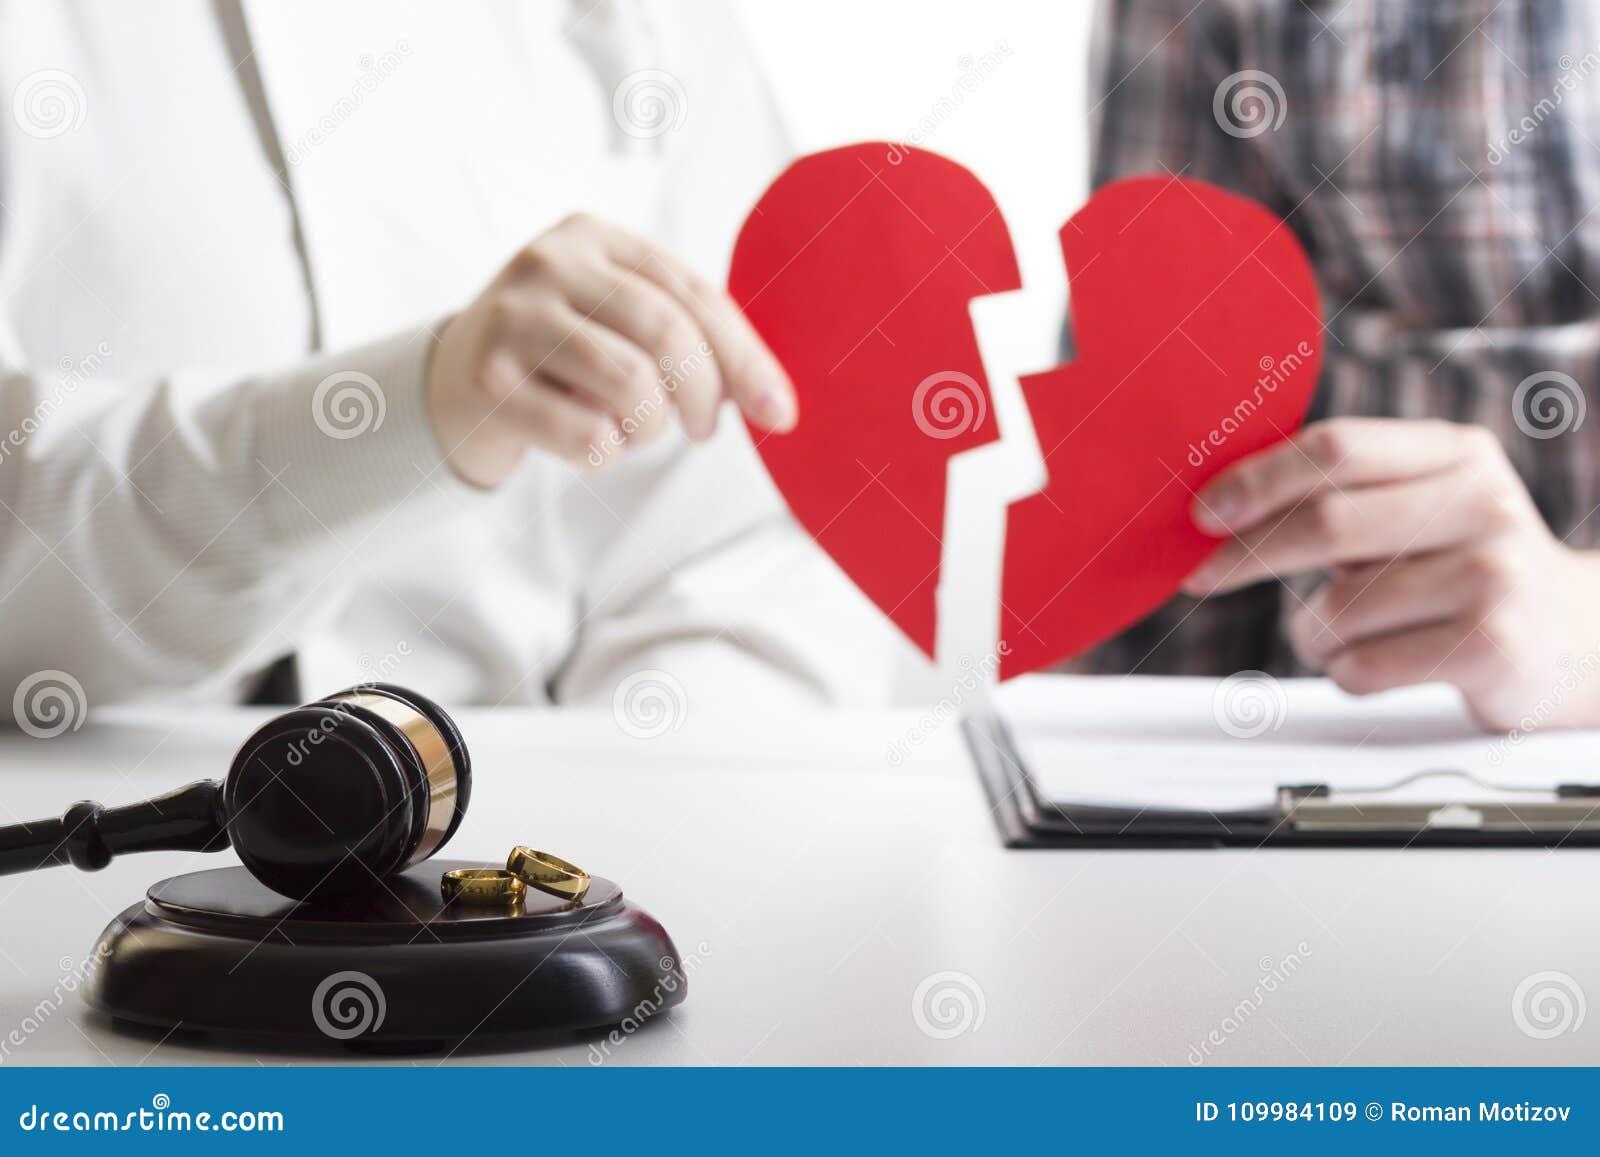 Mani della moglie, sentenza di divorzio di firma del marito, dissoluzione, annullante matrimonio, documenti di separazione legale